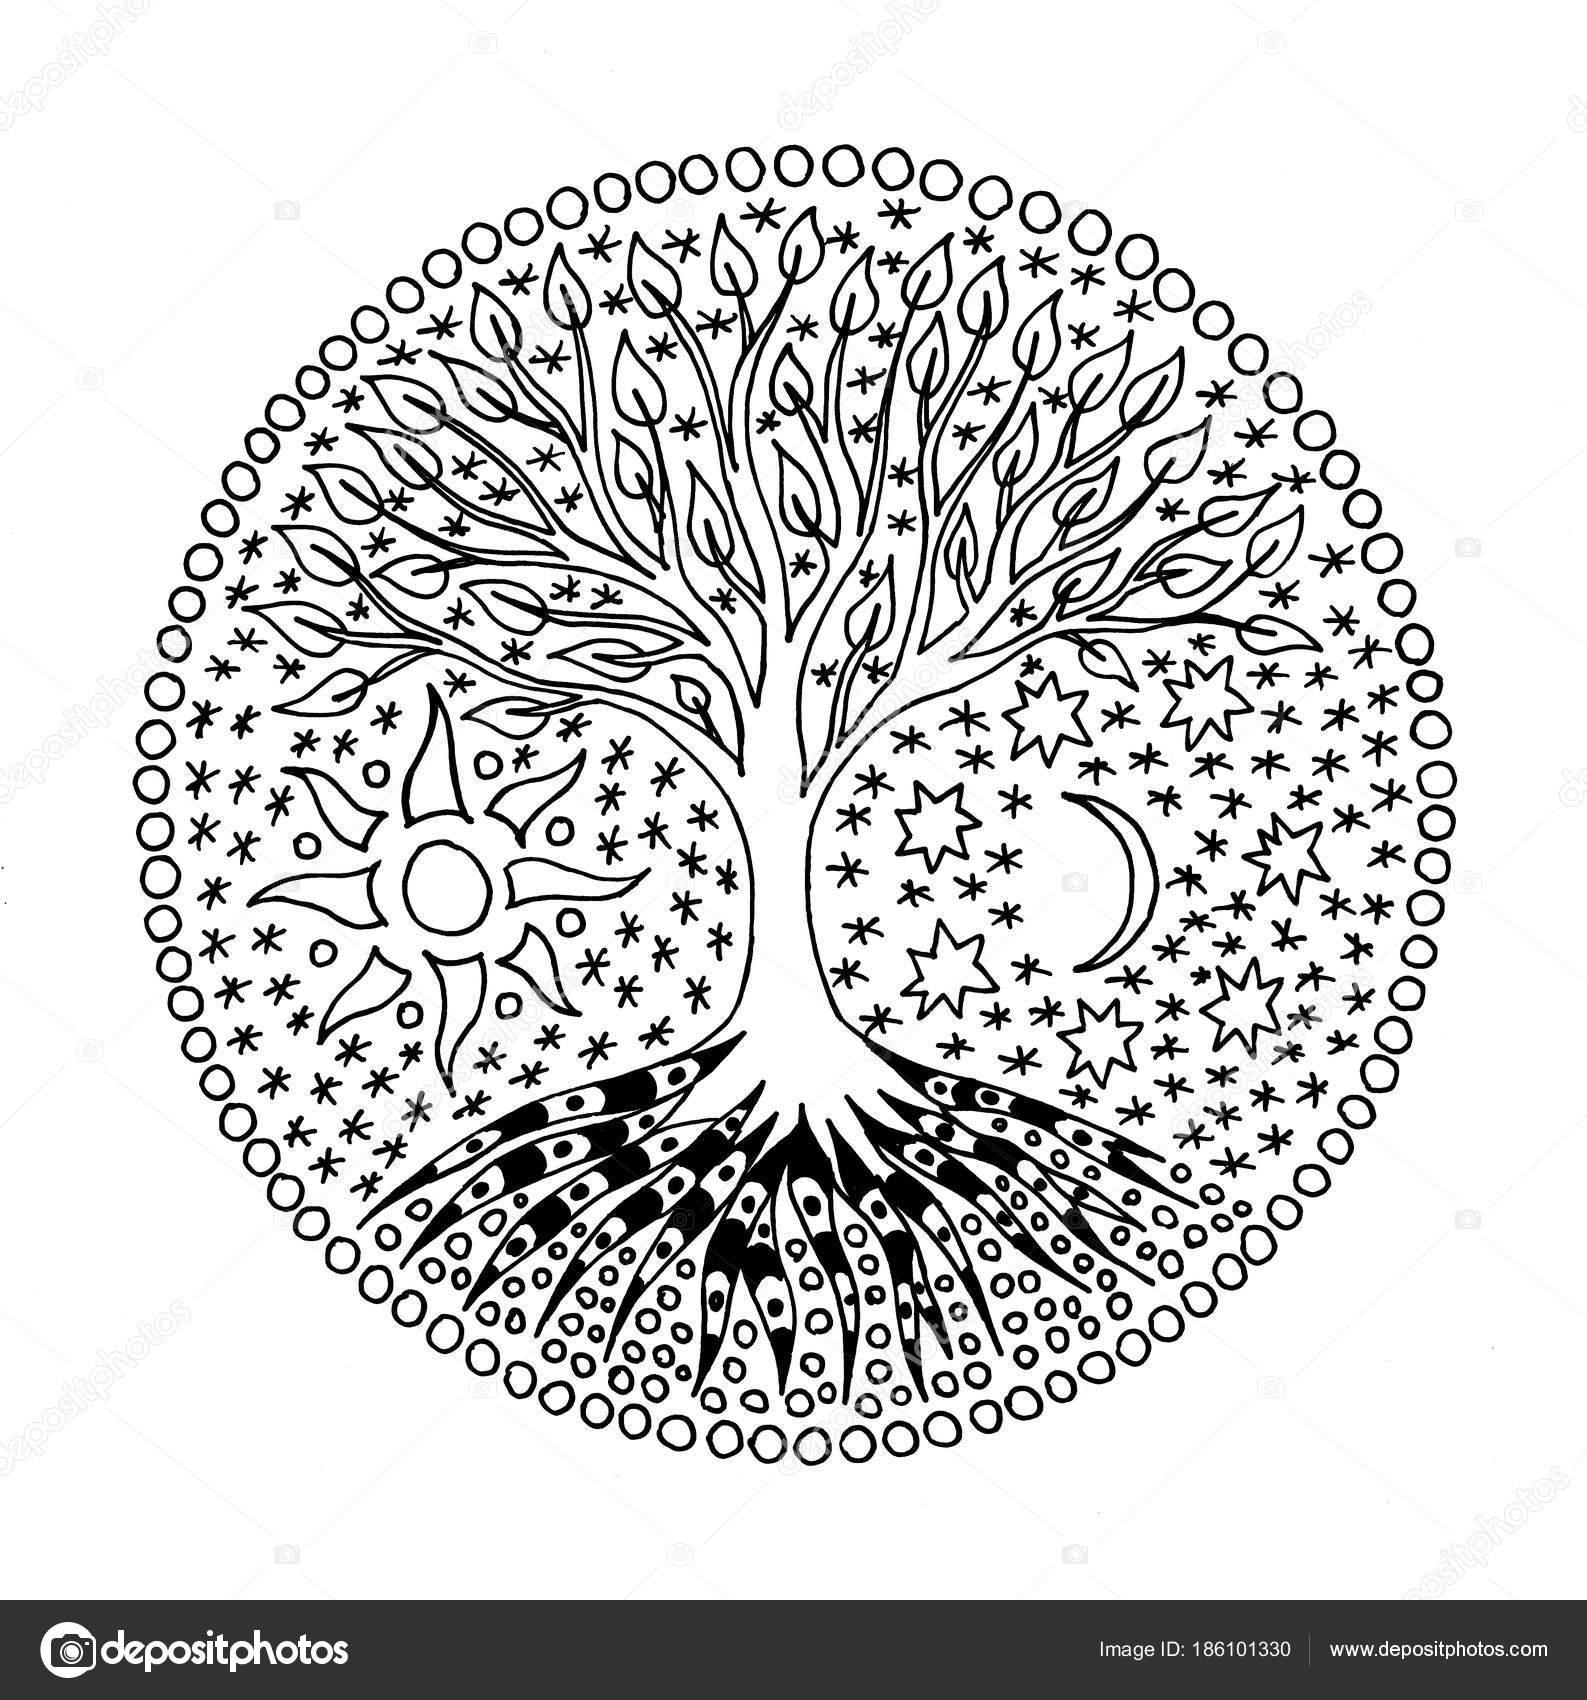 Dibujos Arbol De La Vida Blanco Y Negro árbol Vida Círculo